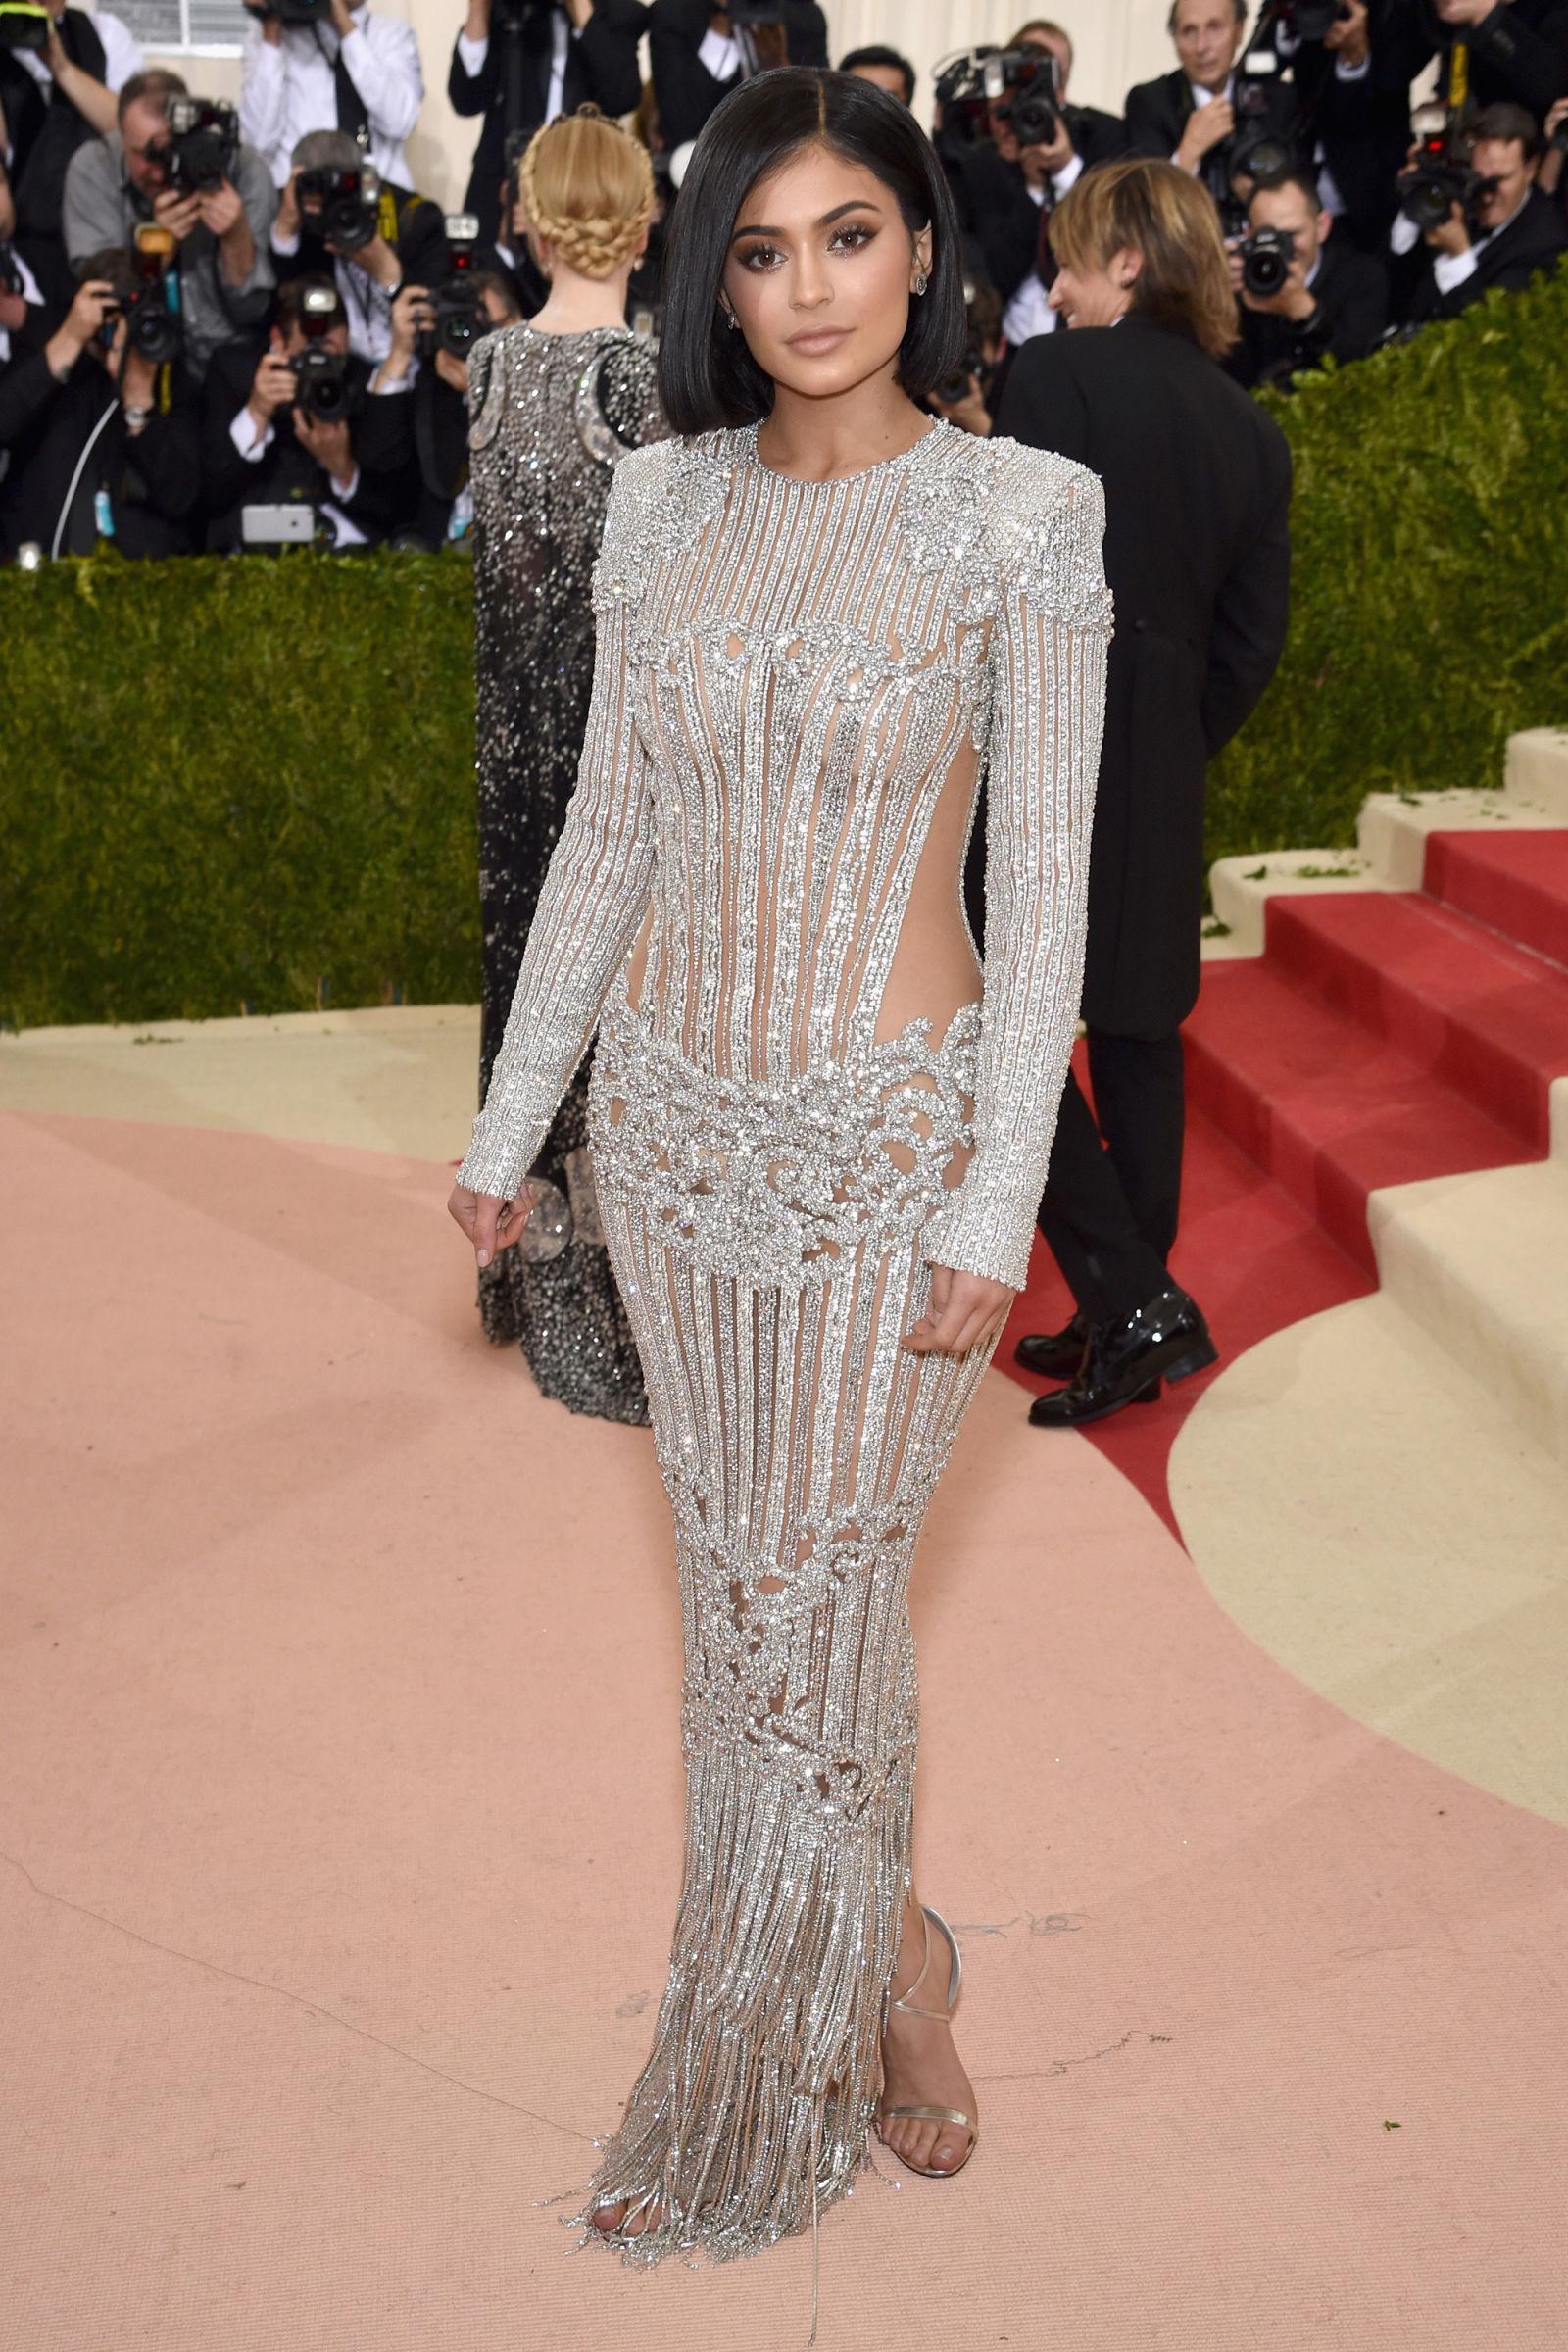 Kylie Jenner hairstyles at Met Gala 2016